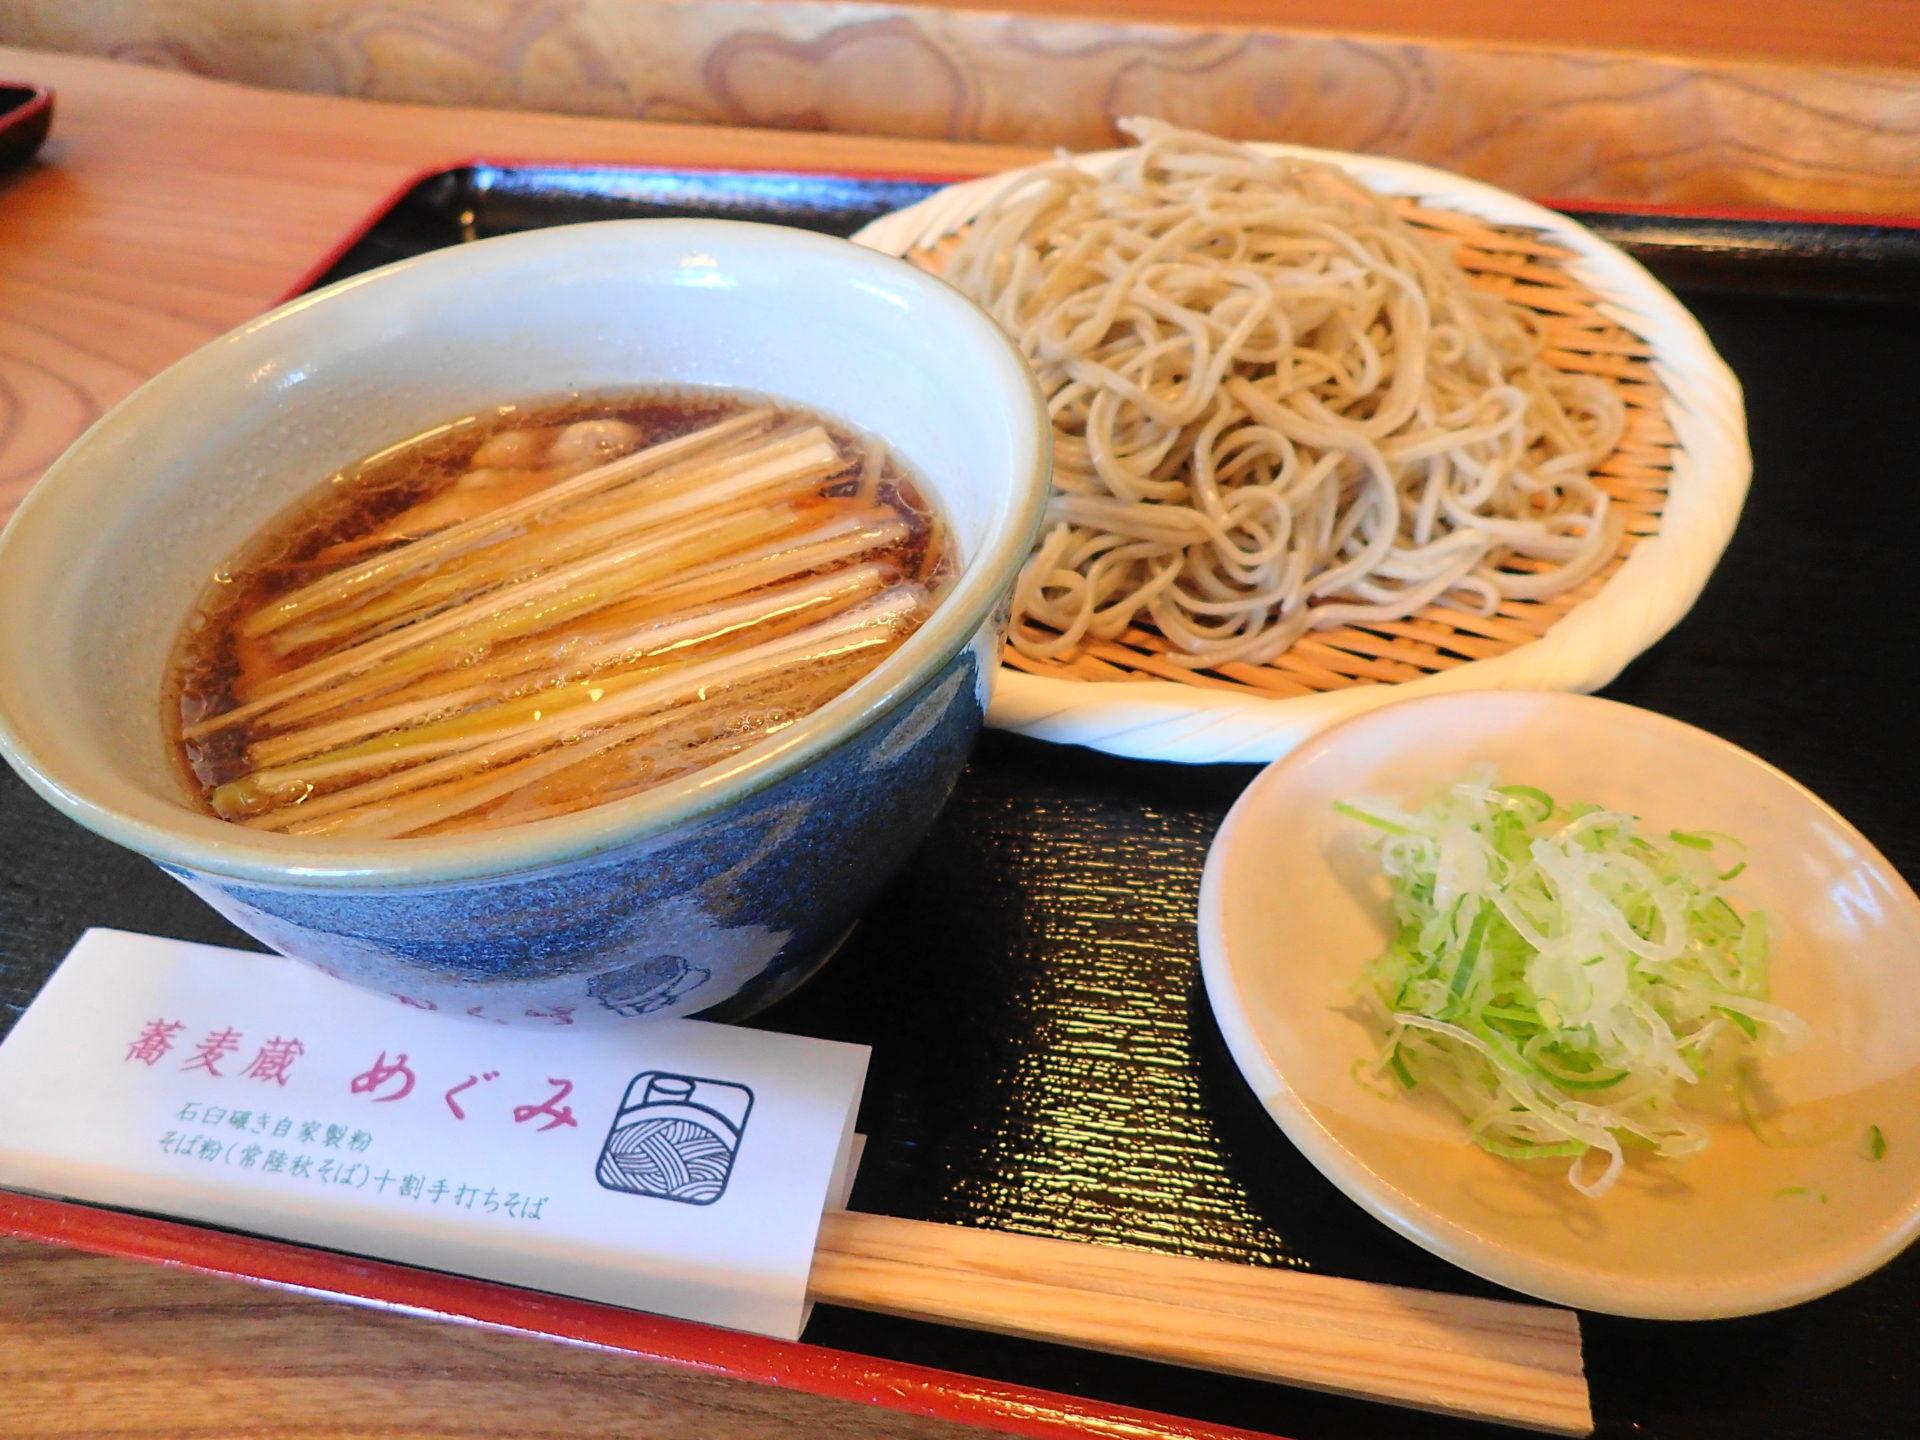 蕎麦蔵めぐみ|美味しい十割蕎麦が人気!!豚汁そばを実食 - いばらじお♪